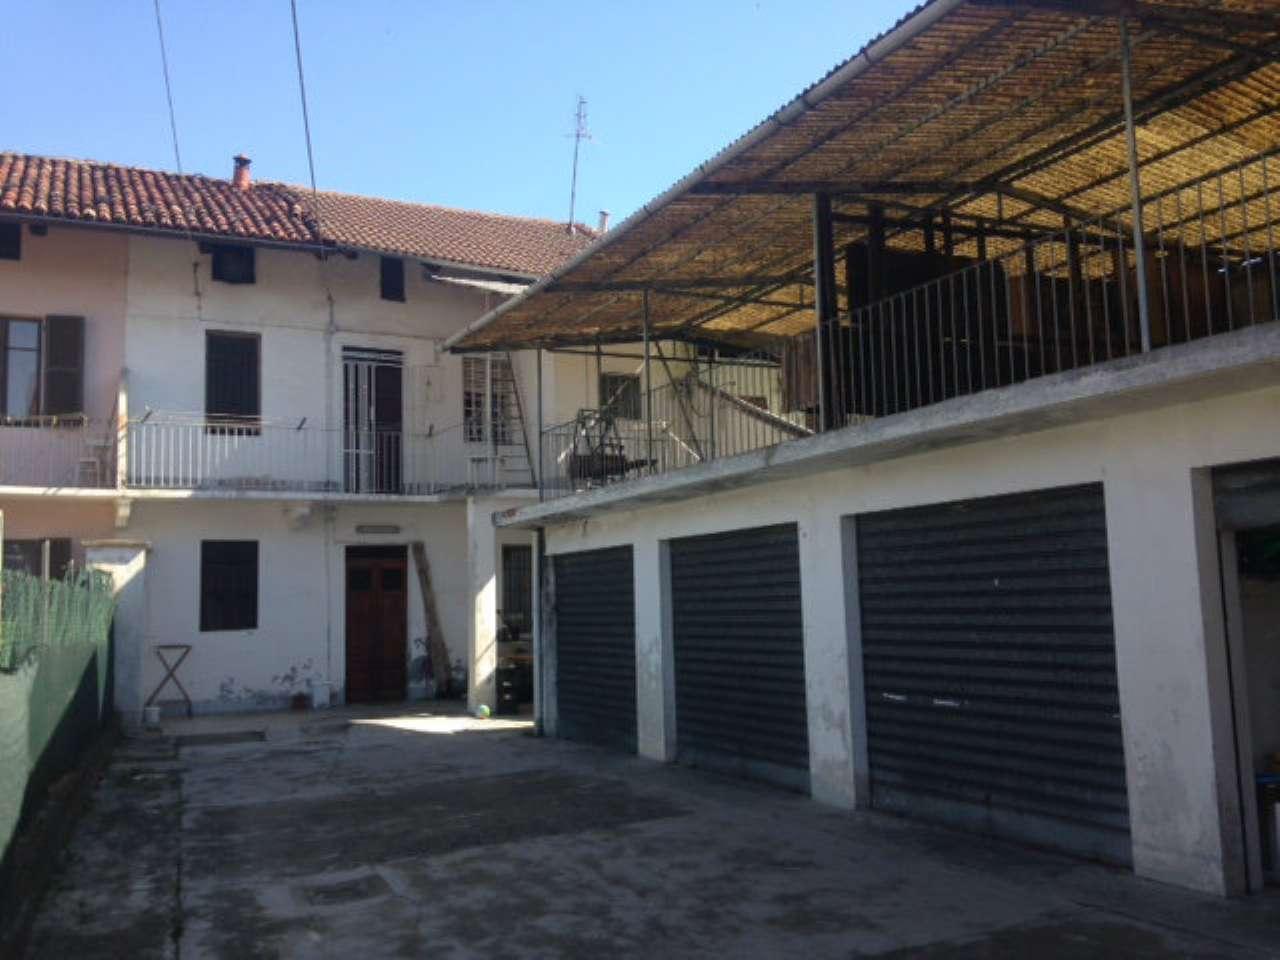 Rustico / Casale in vendita a Leini, 6 locali, prezzo € 185.000   Cambio Casa.it